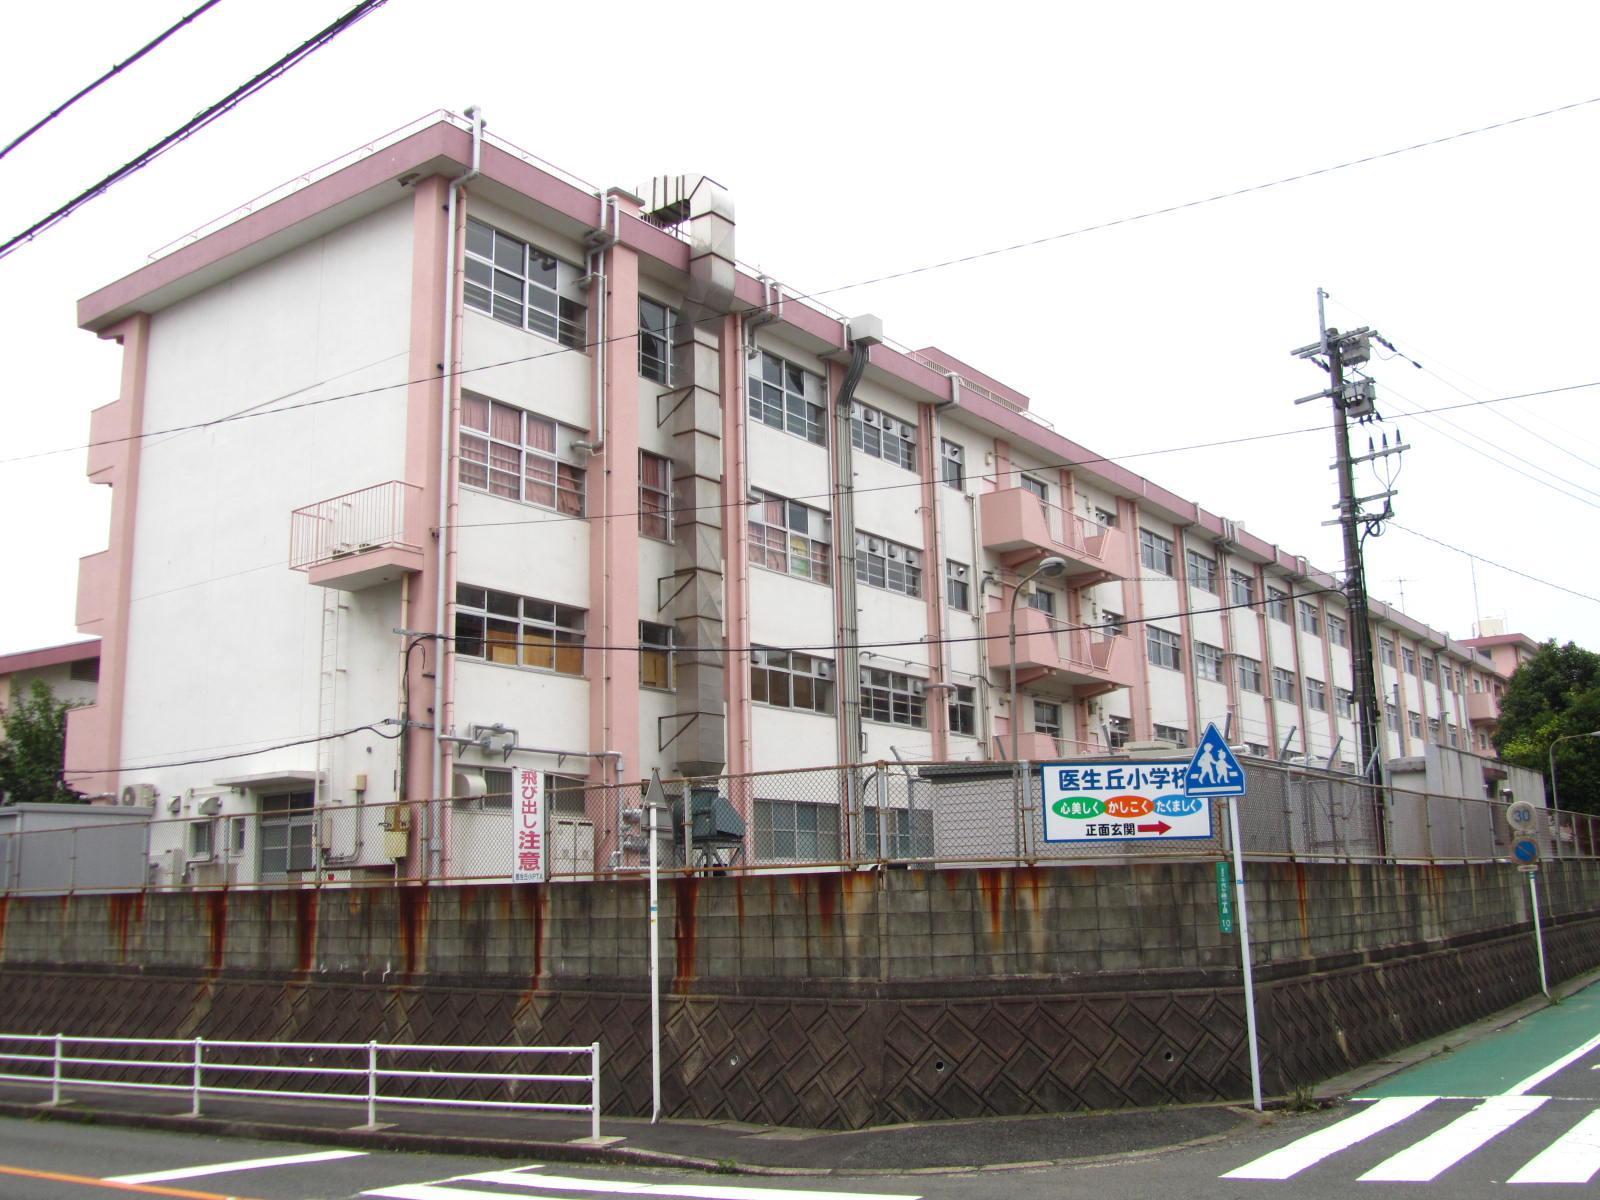 小学校:北九州市立医生丘小学校 507m